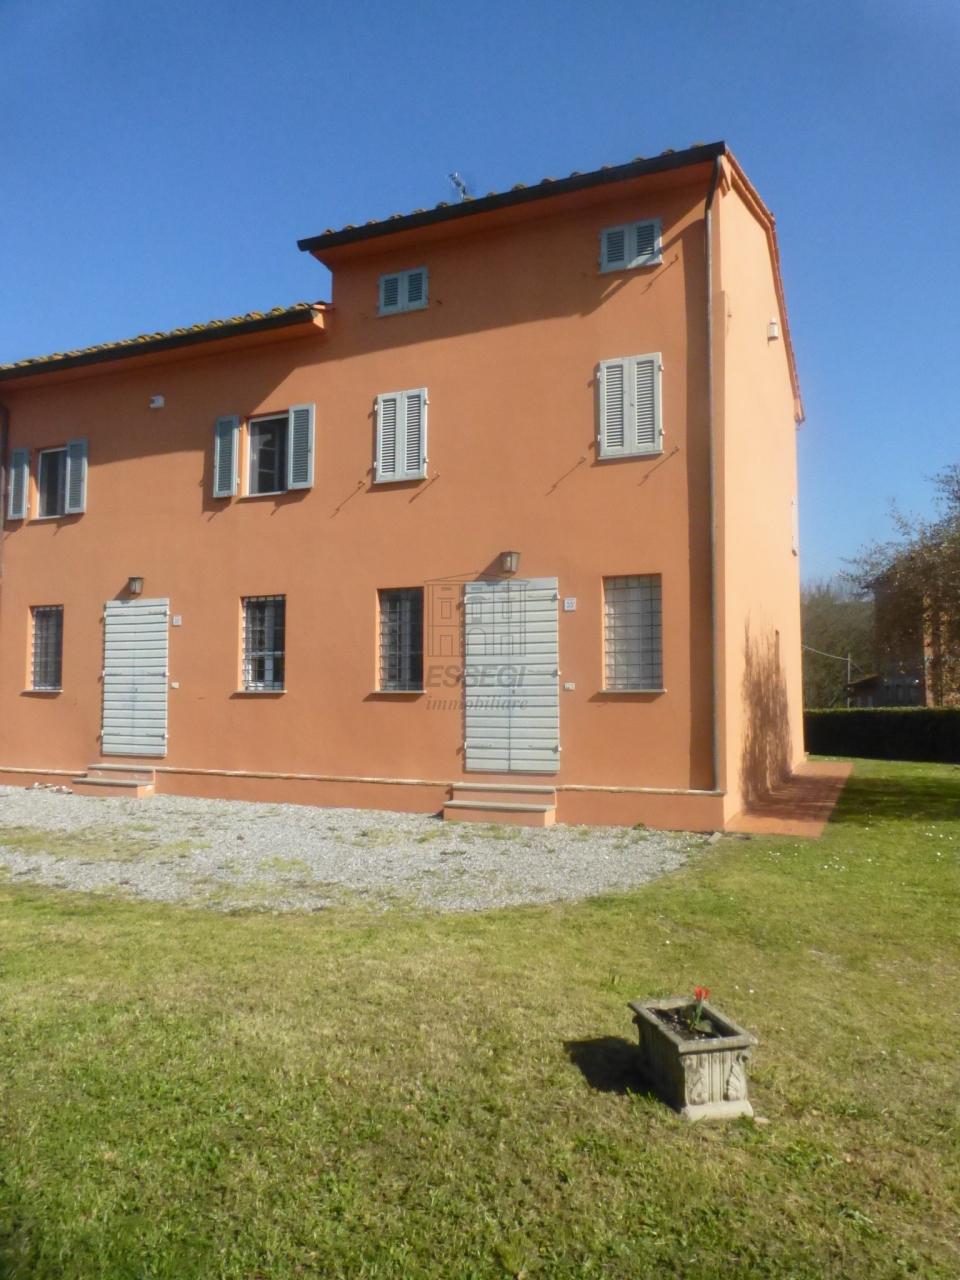 Rustico / Casale in affitto a Capannori, 5 locali, prezzo € 700 | Cambio Casa.it